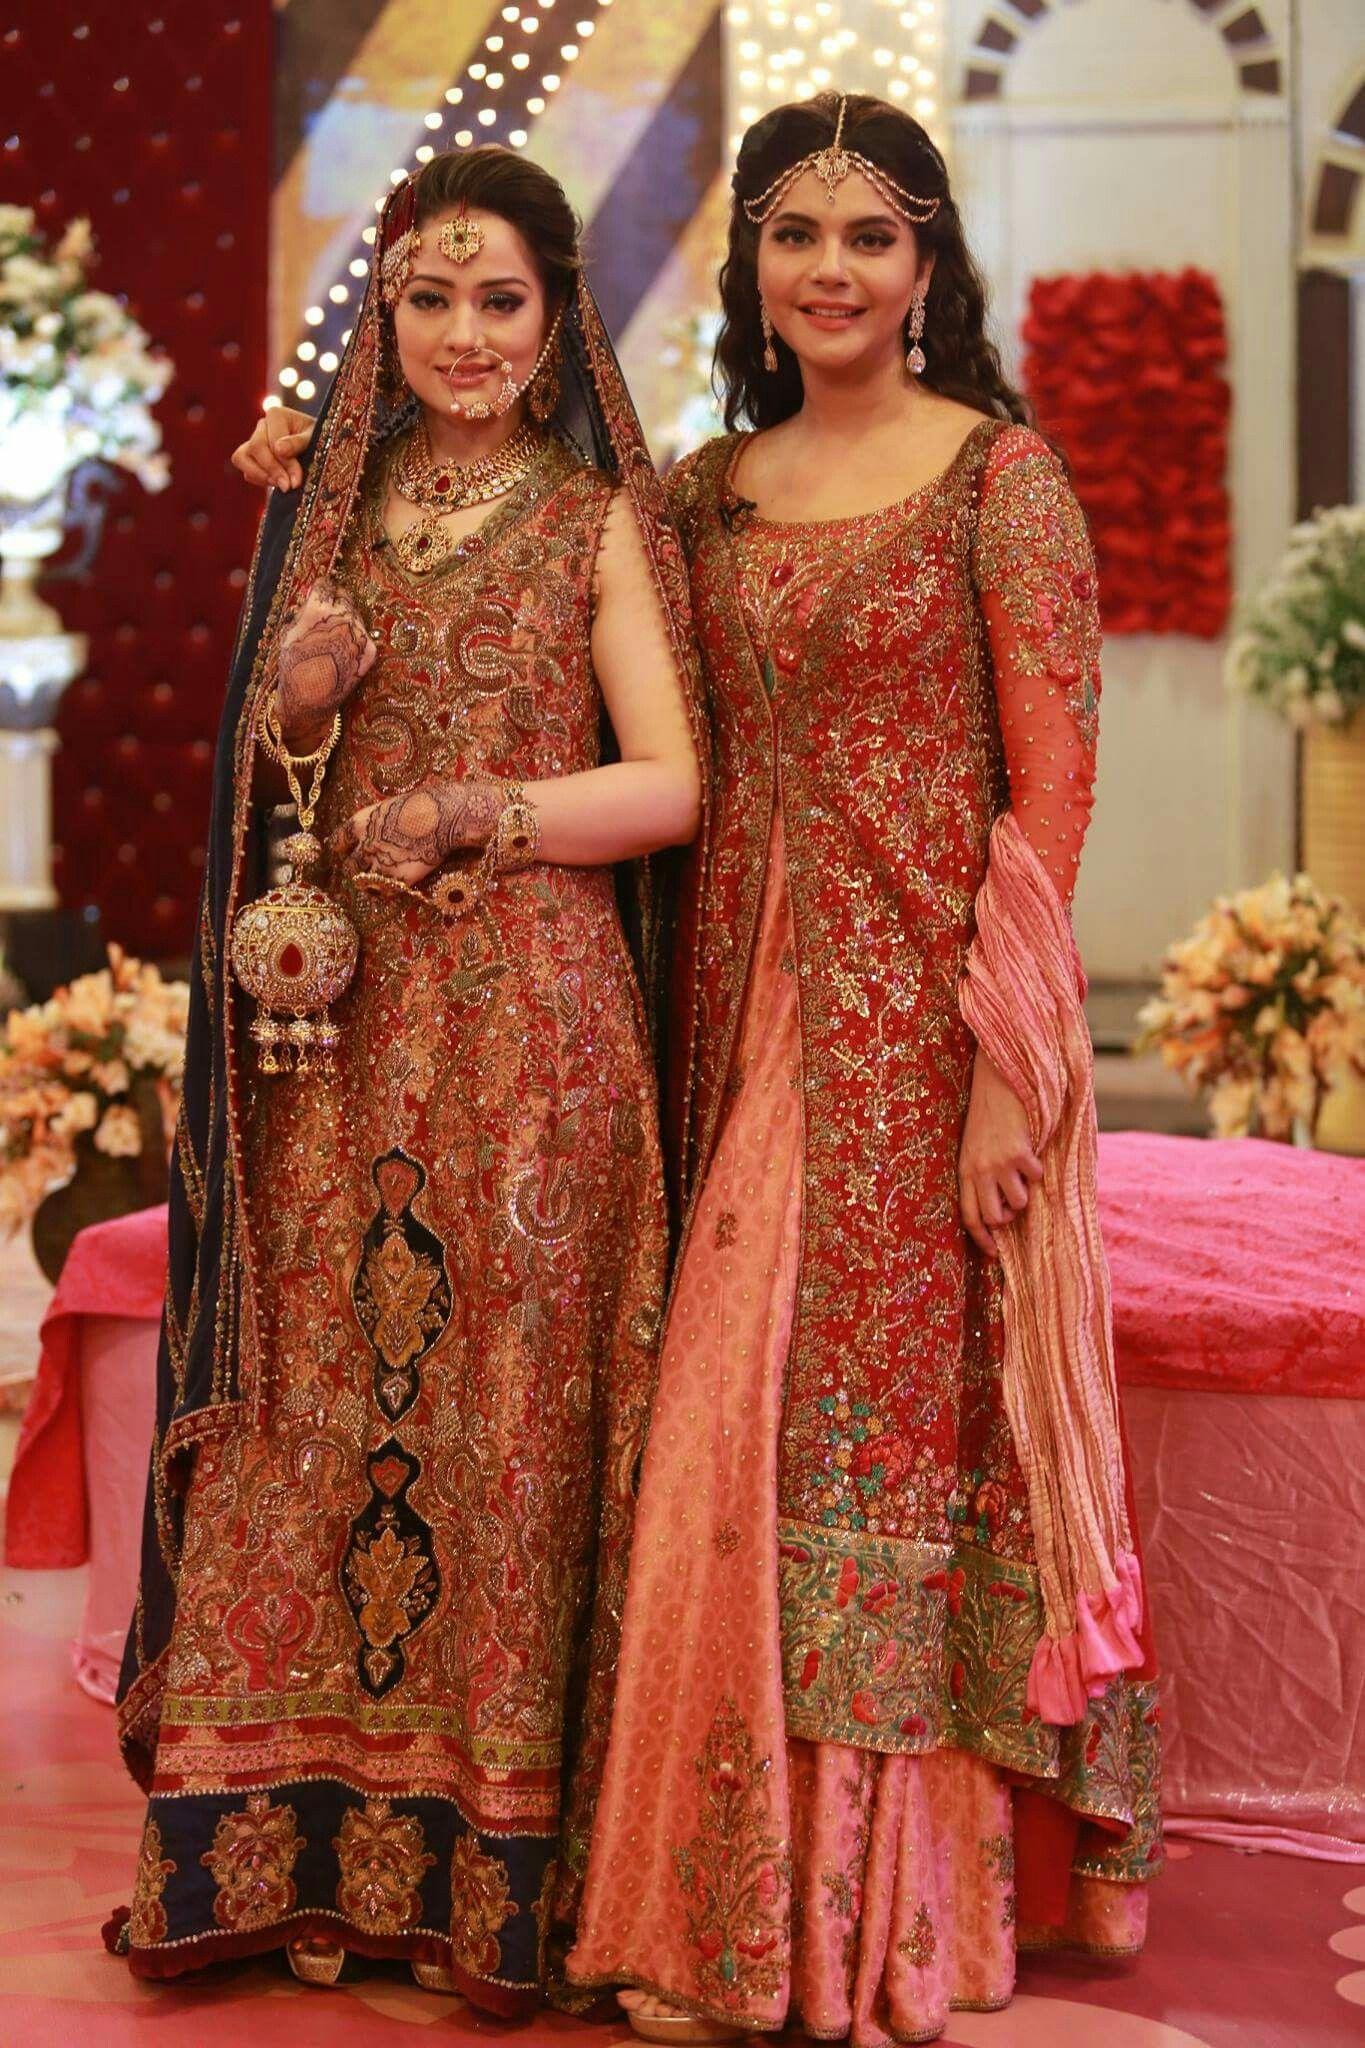 Pin von Mano👸 auf bridal fashion | Pinterest